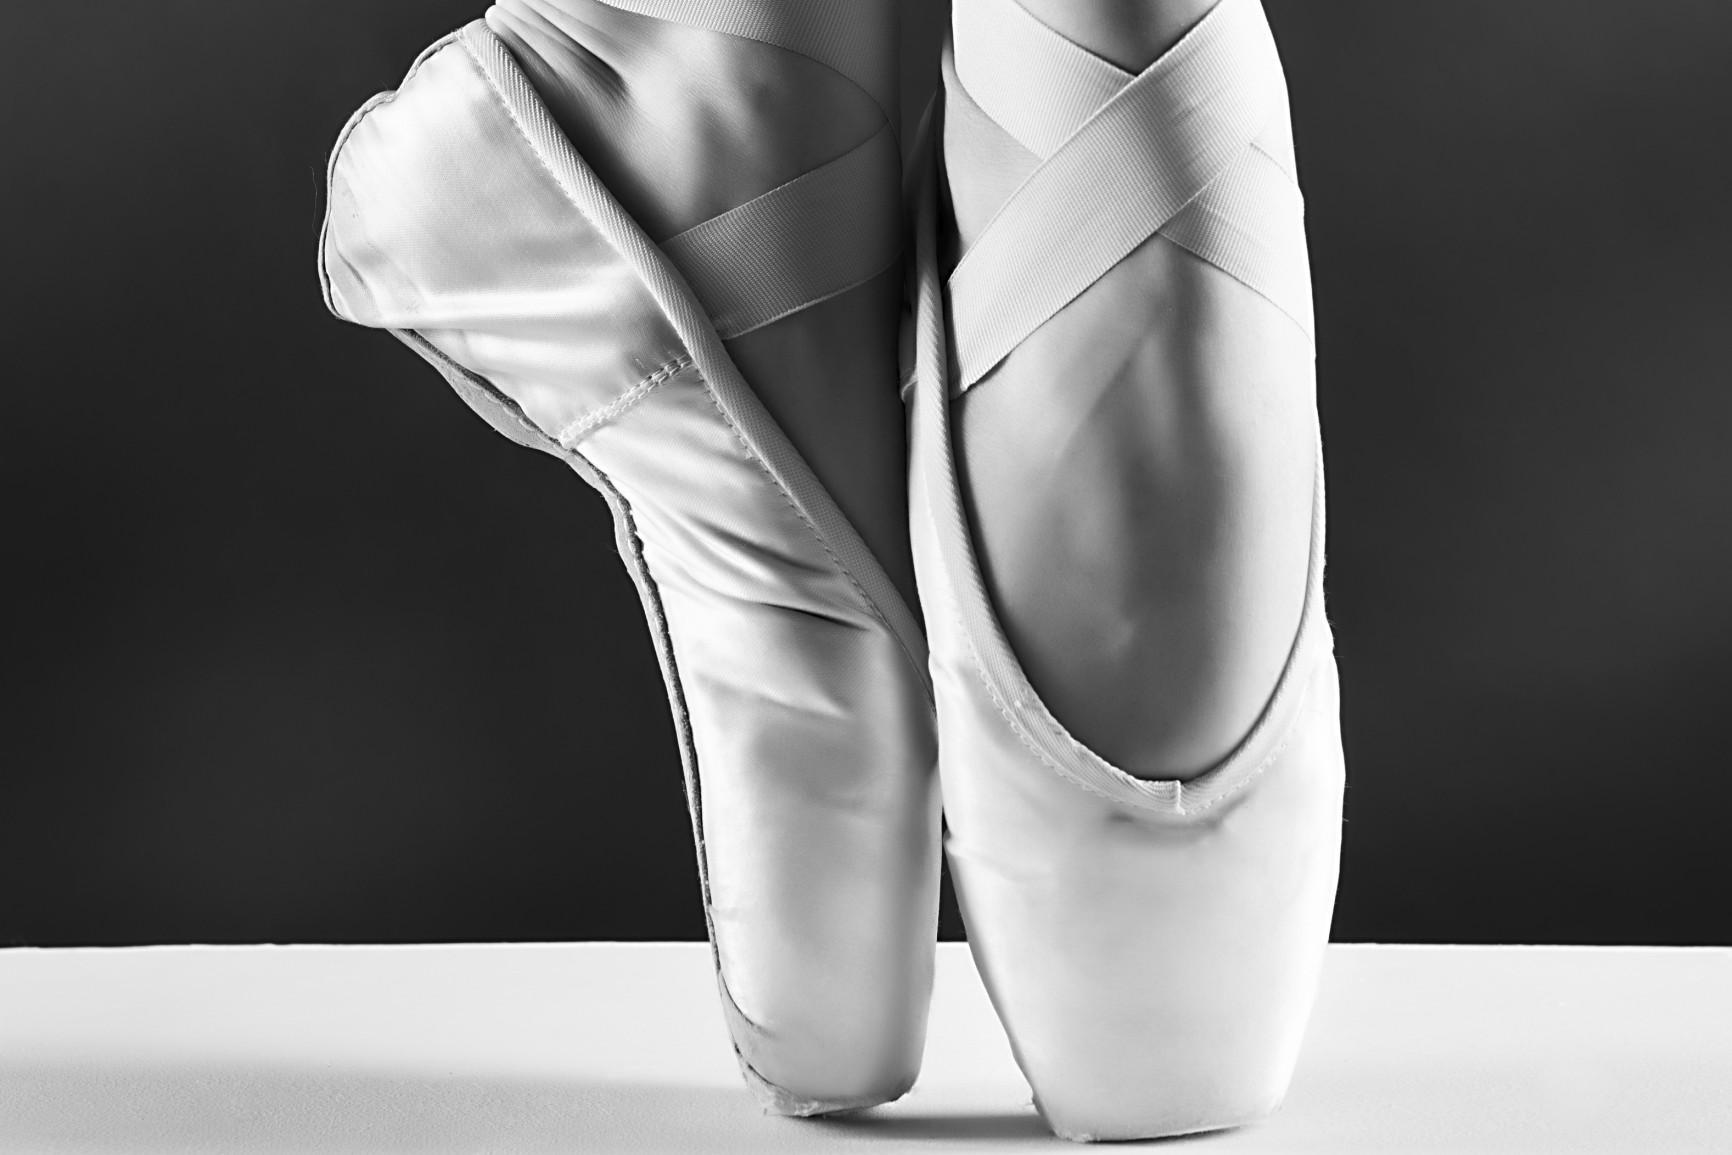 Disegni Risultati Dttwtb Danza Per Immagini Classica A Matita Ballerine 3RAjL54Scq